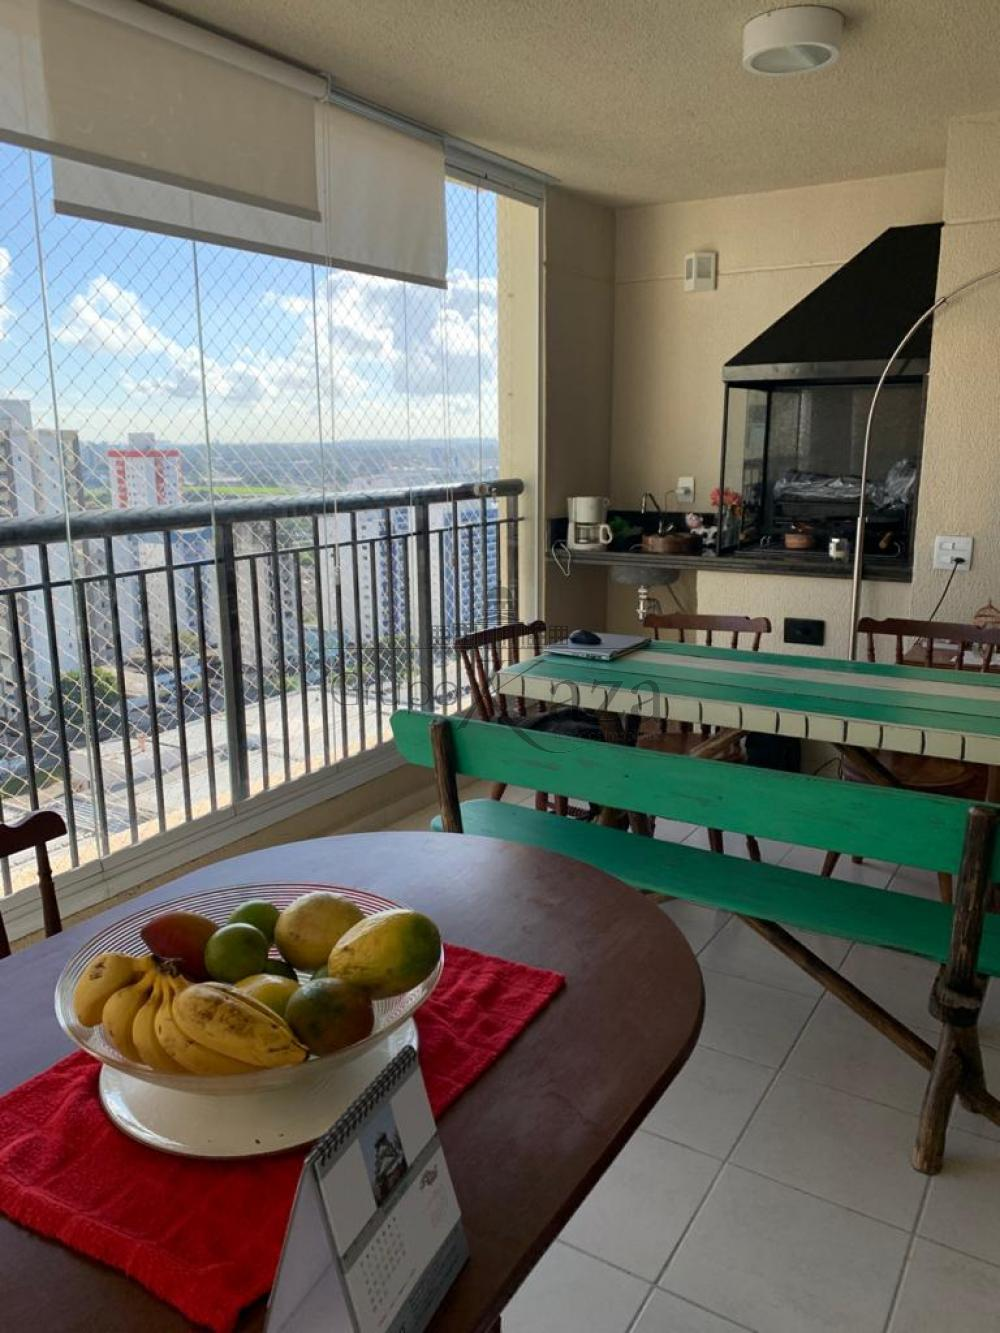 Sao Jose dos Campos Apartamento Venda R$855.000,00 Condominio R$710,00 3 Dormitorios 1 Suite Area construida 116.00m2